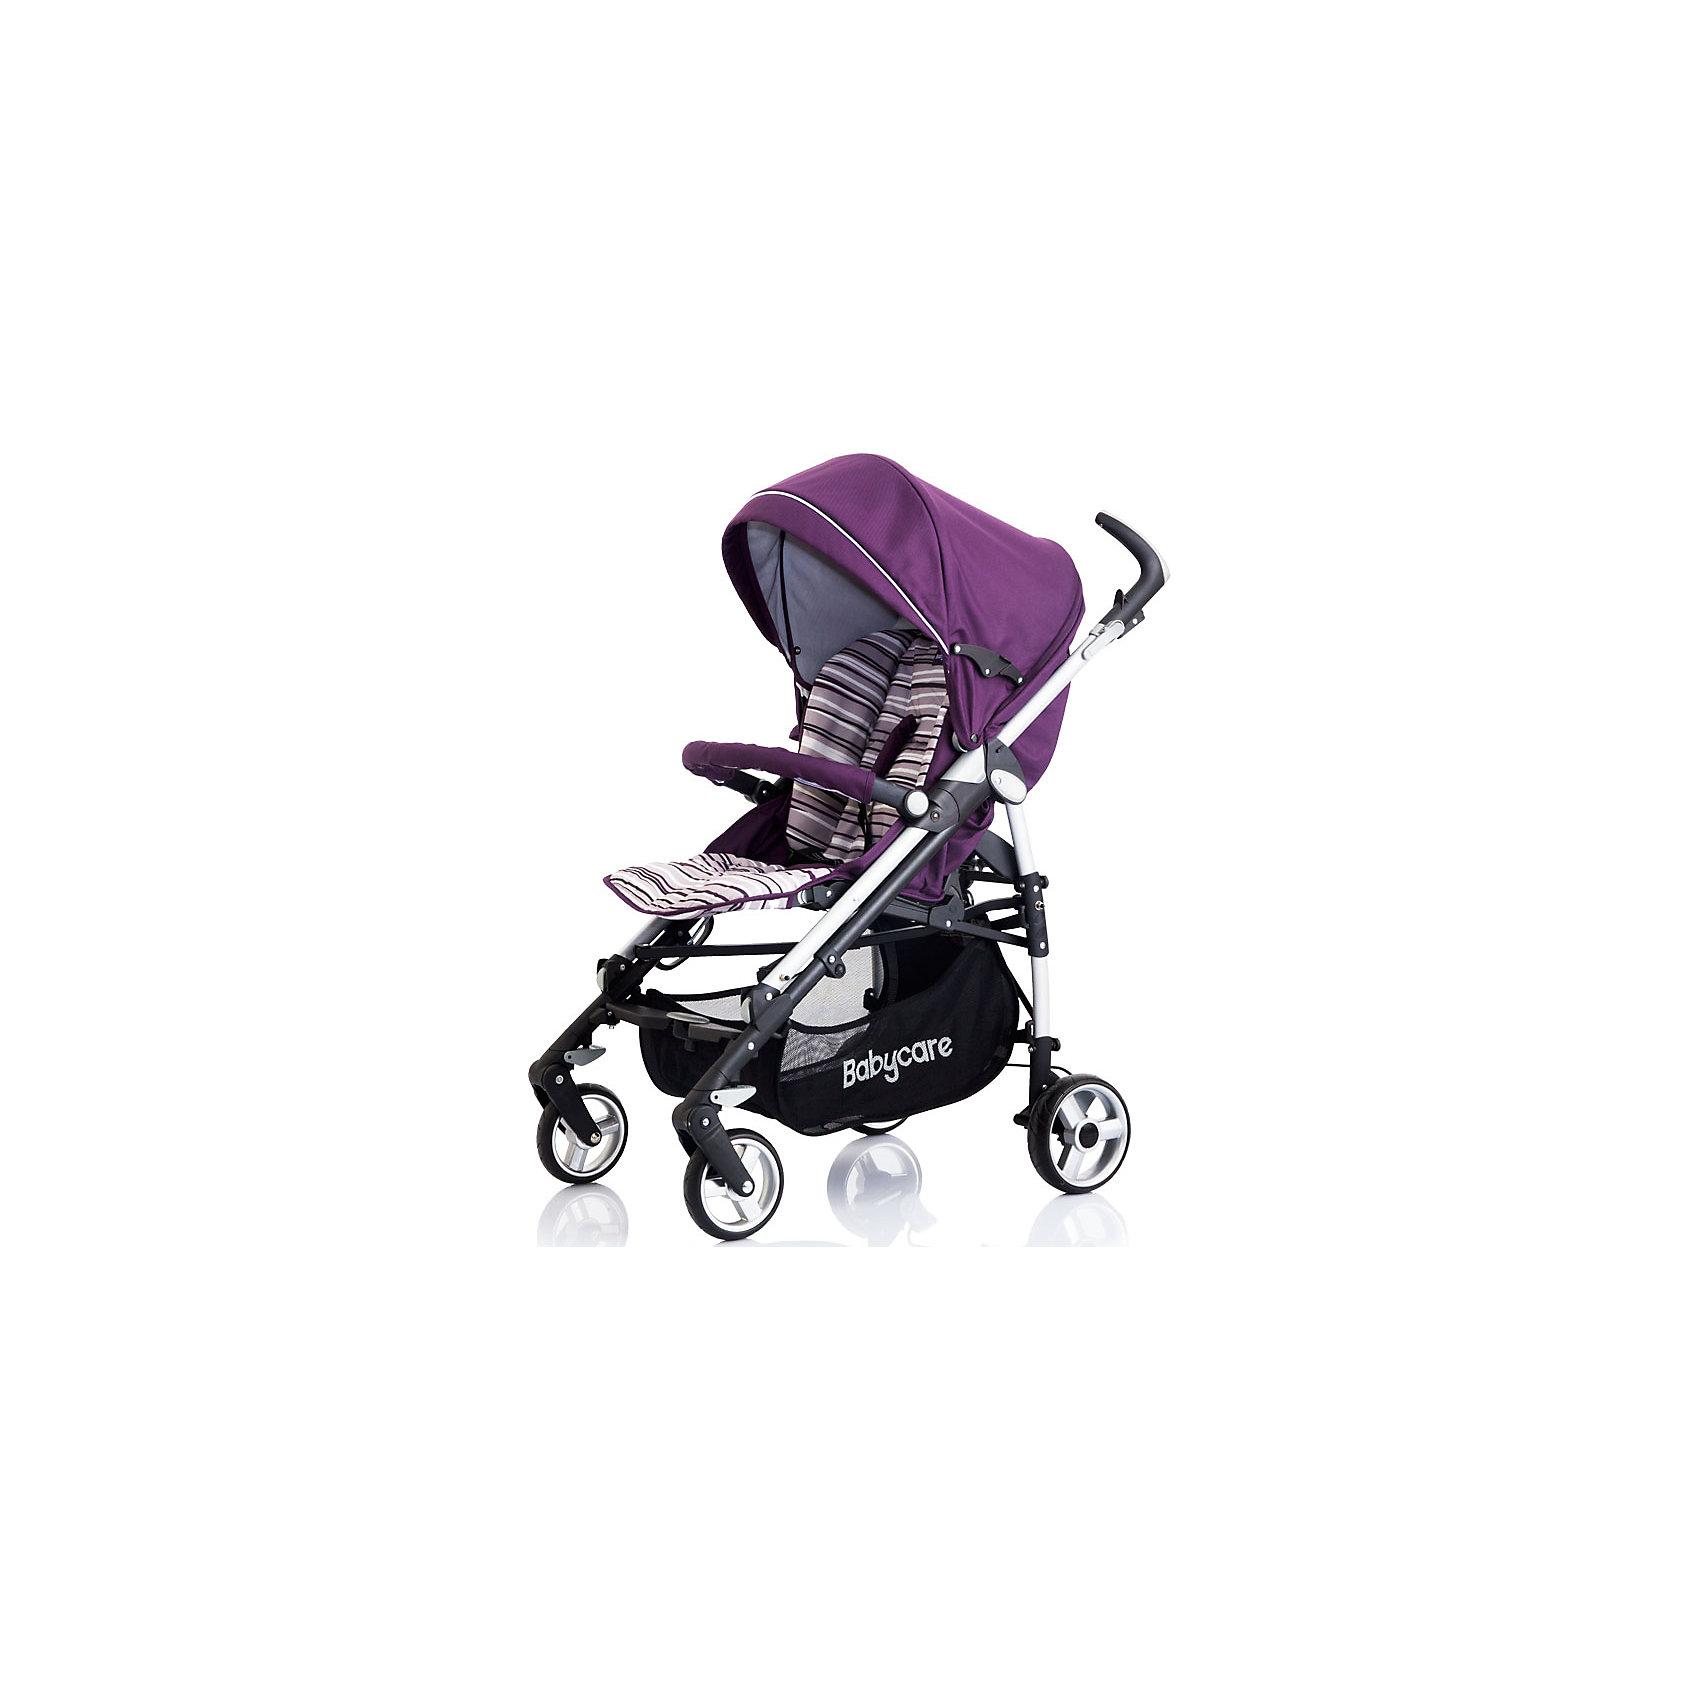 Baby Care Коляска-трость GT4, Baby Care, фиолетовый